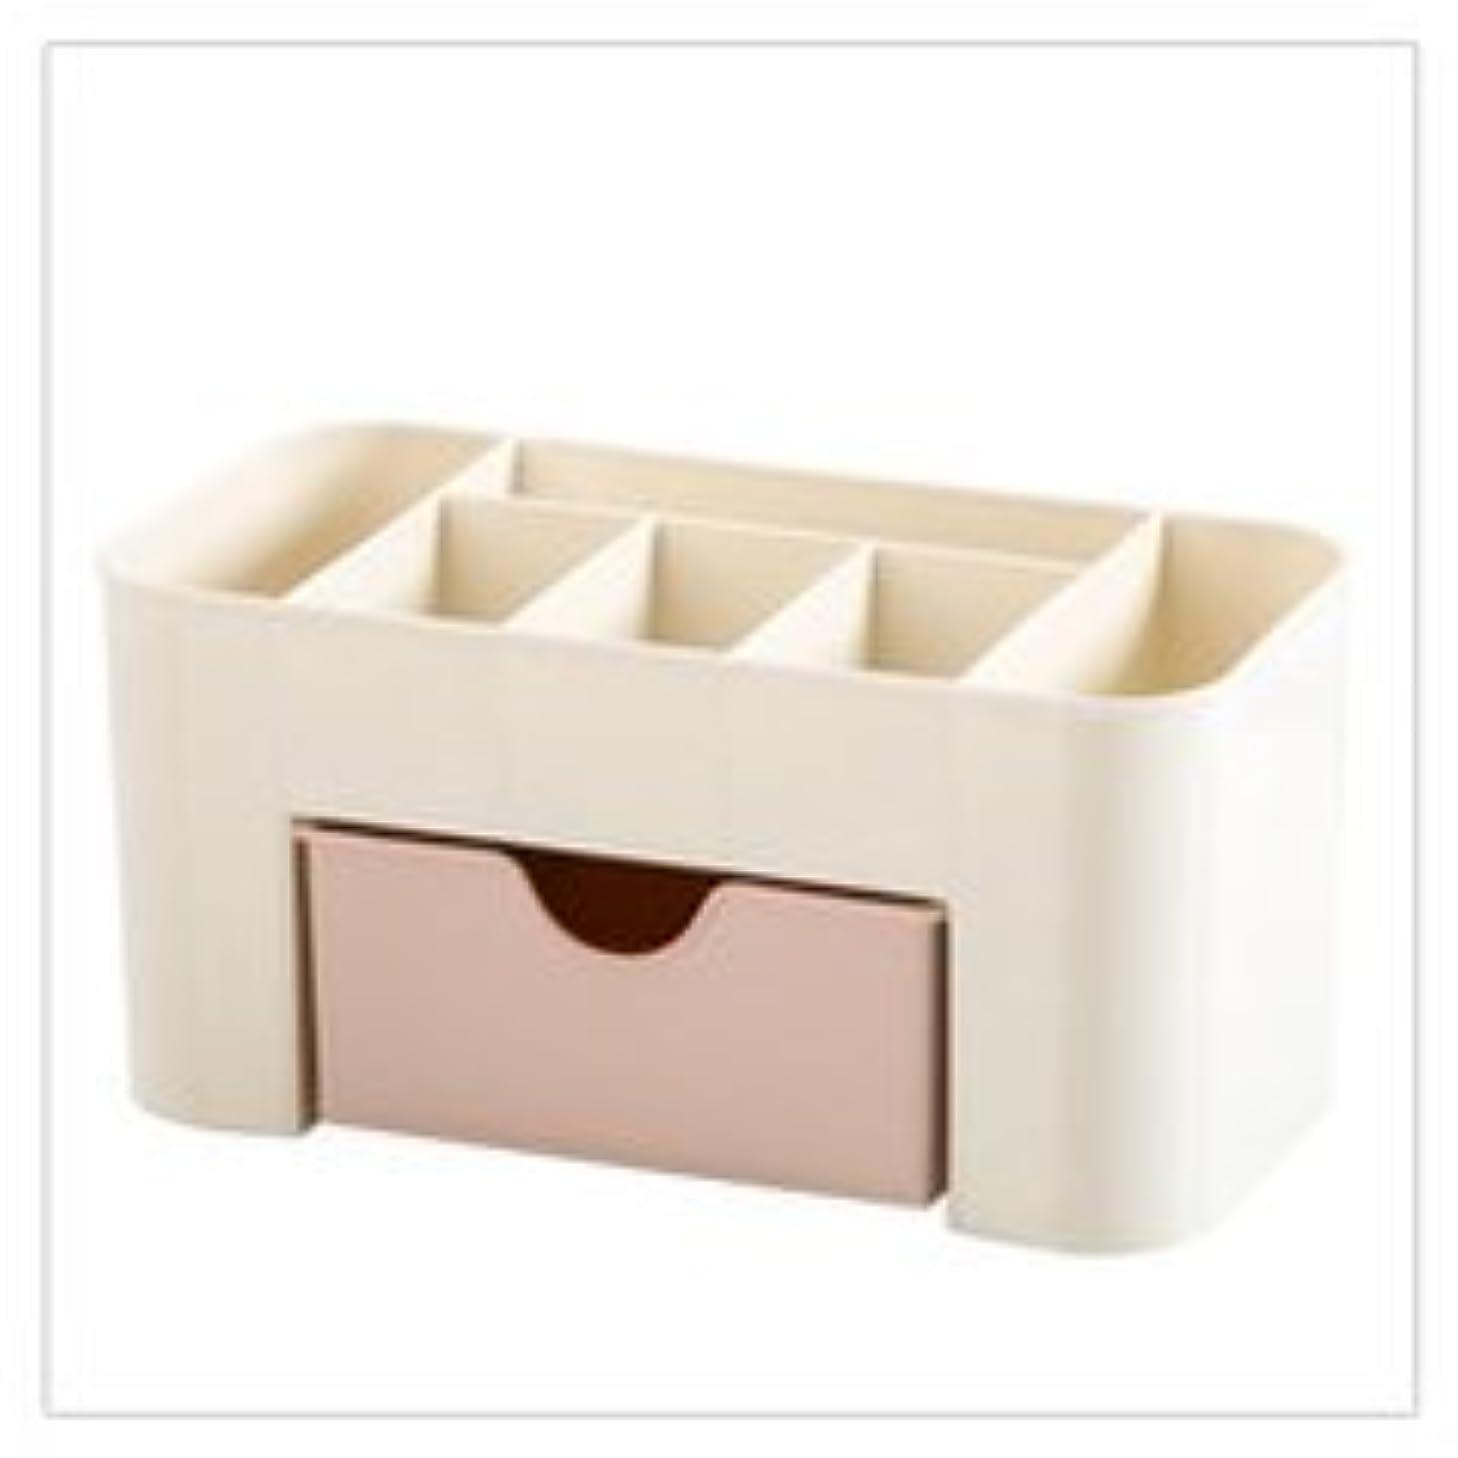 コットン不愉快に腹化粧品収納ボックス化粧品引き出し仕上げボックスデスクトップジュエリースキンケアパックフレームドレッサー (Color : ピンク)